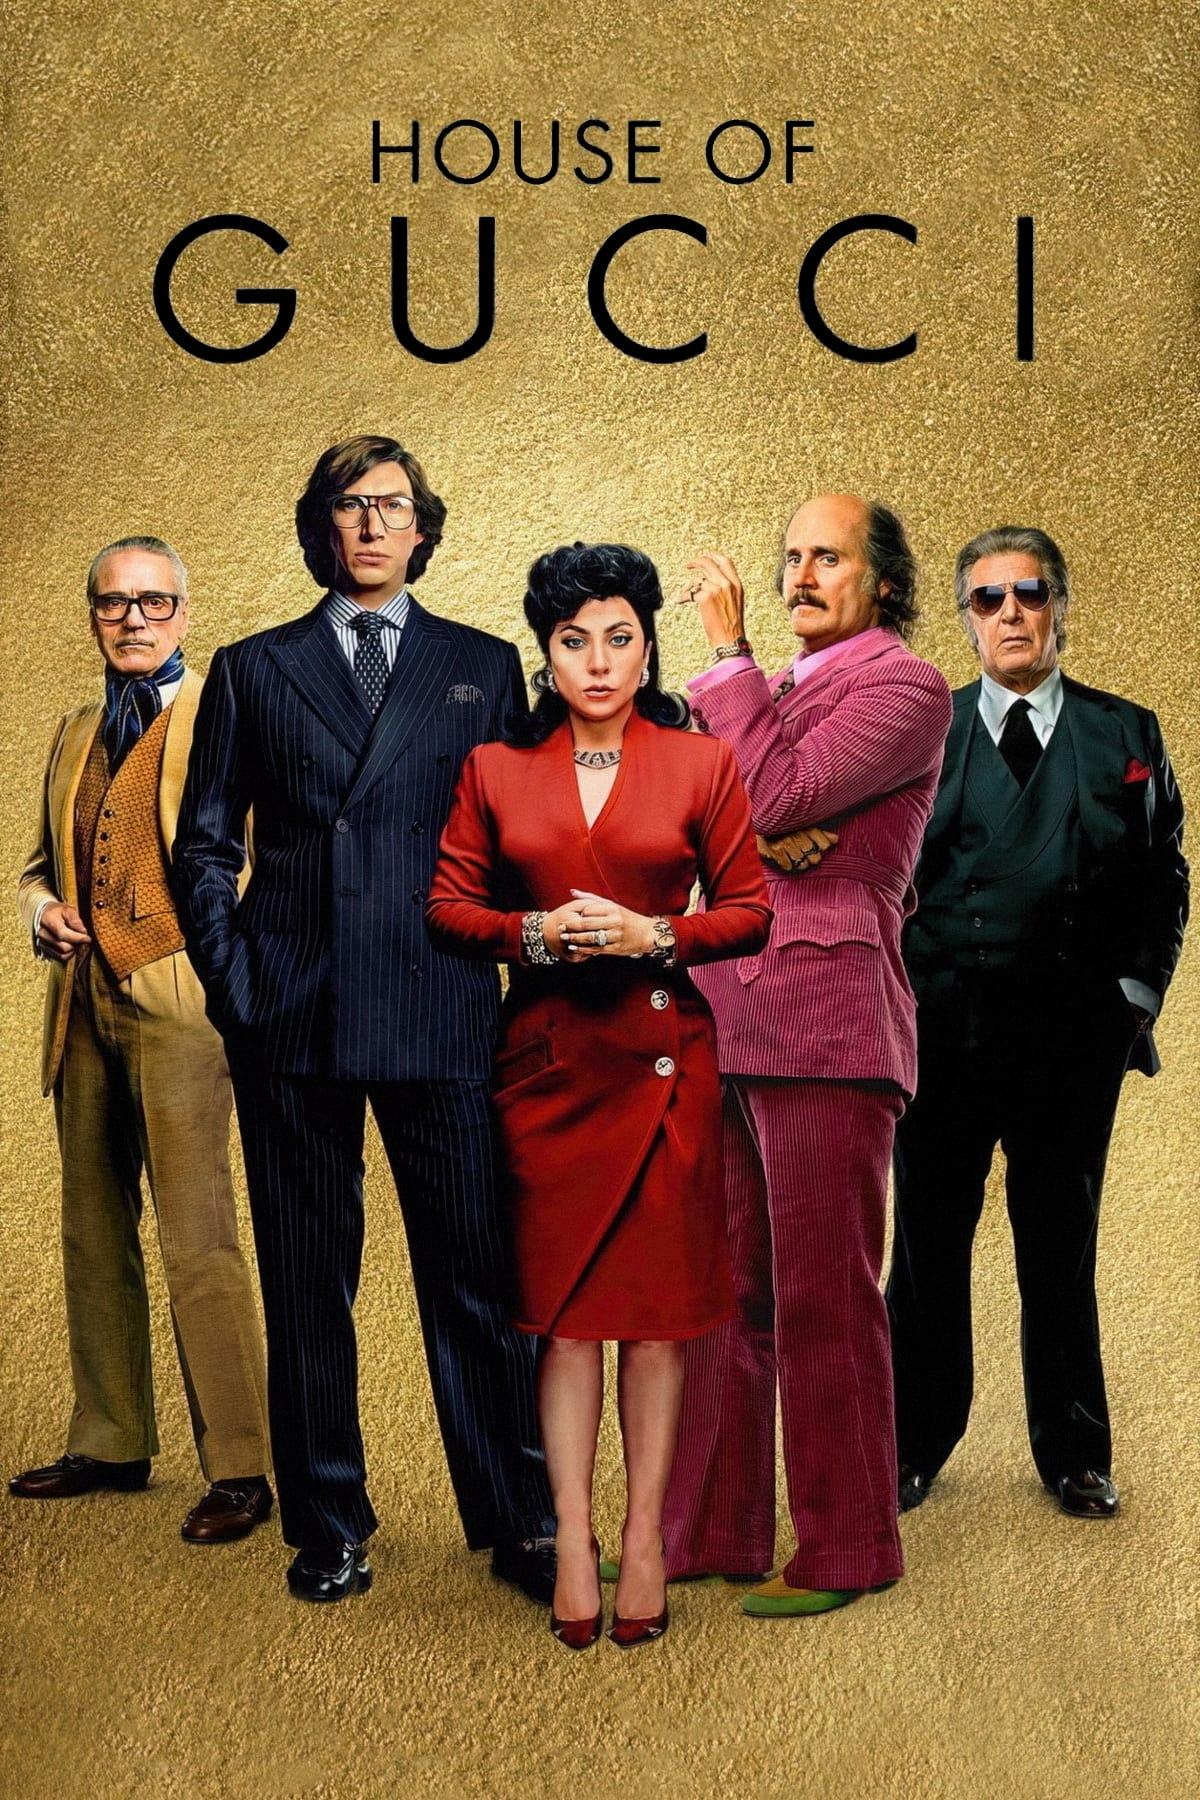 გუჩის სახლი / House of Gucci